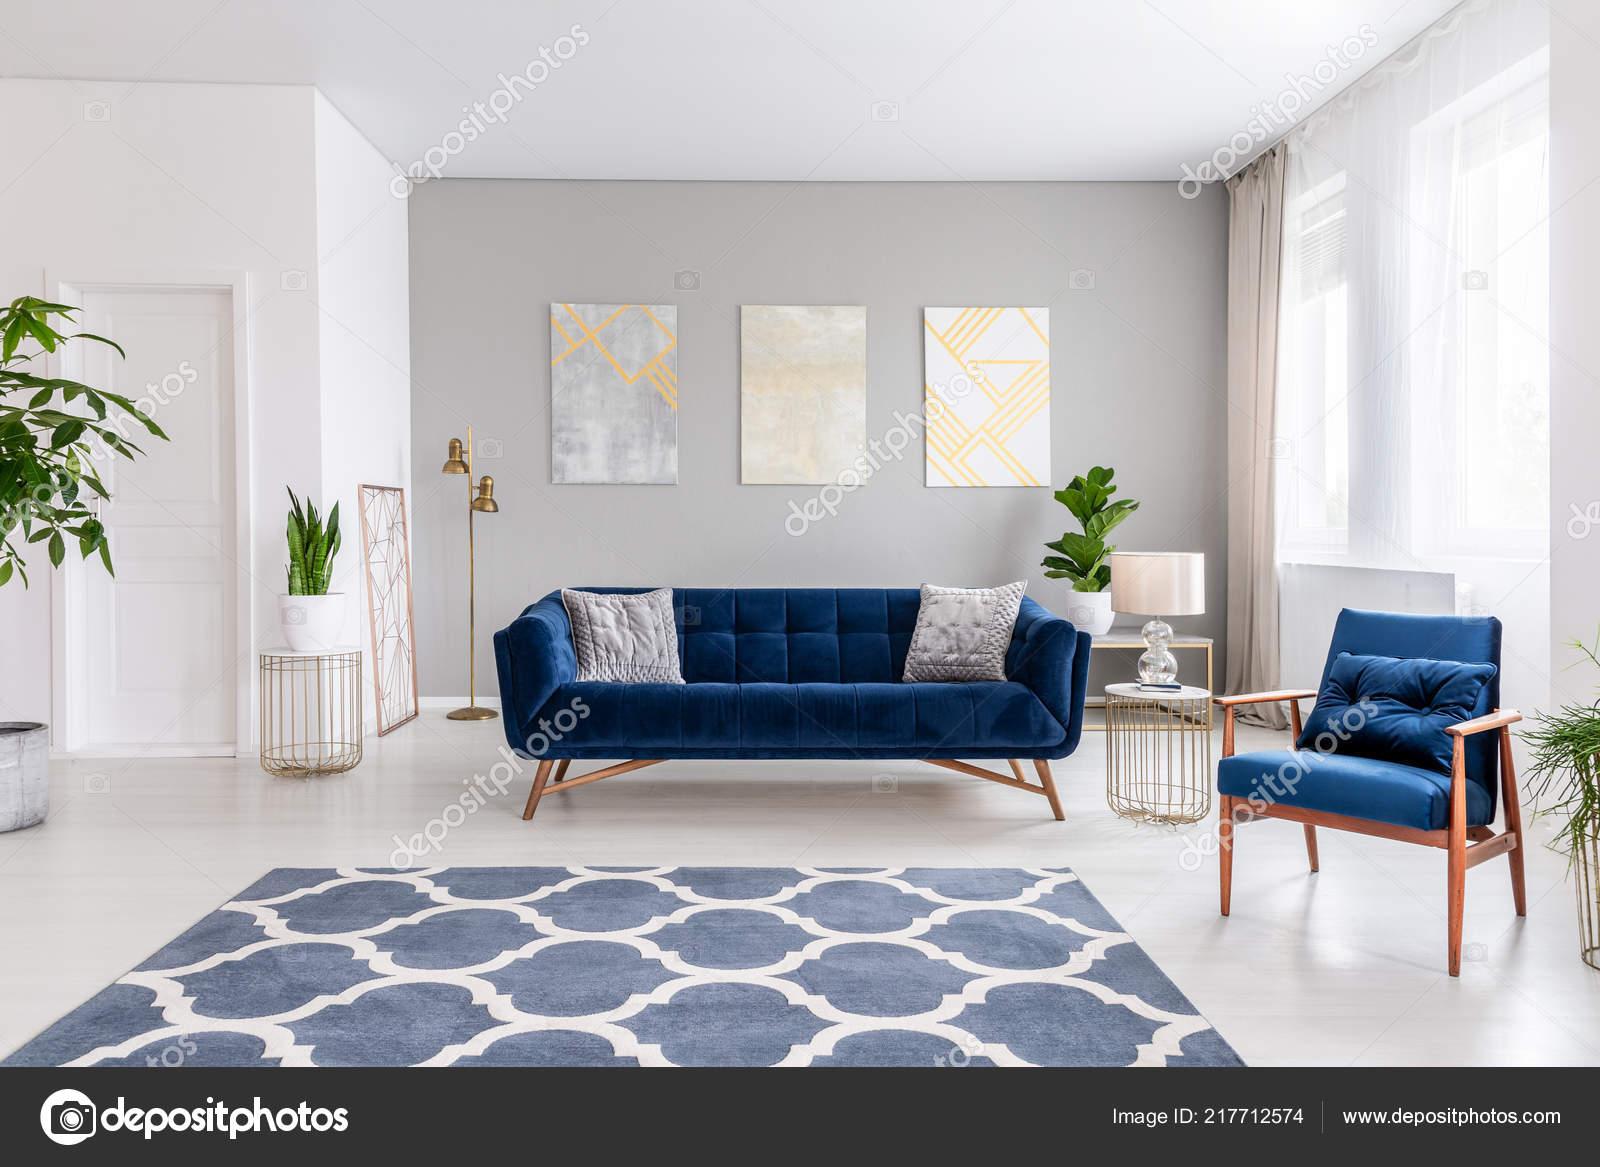 Espace Ouvert Salon Interieur Avec Canape Bleu Marine